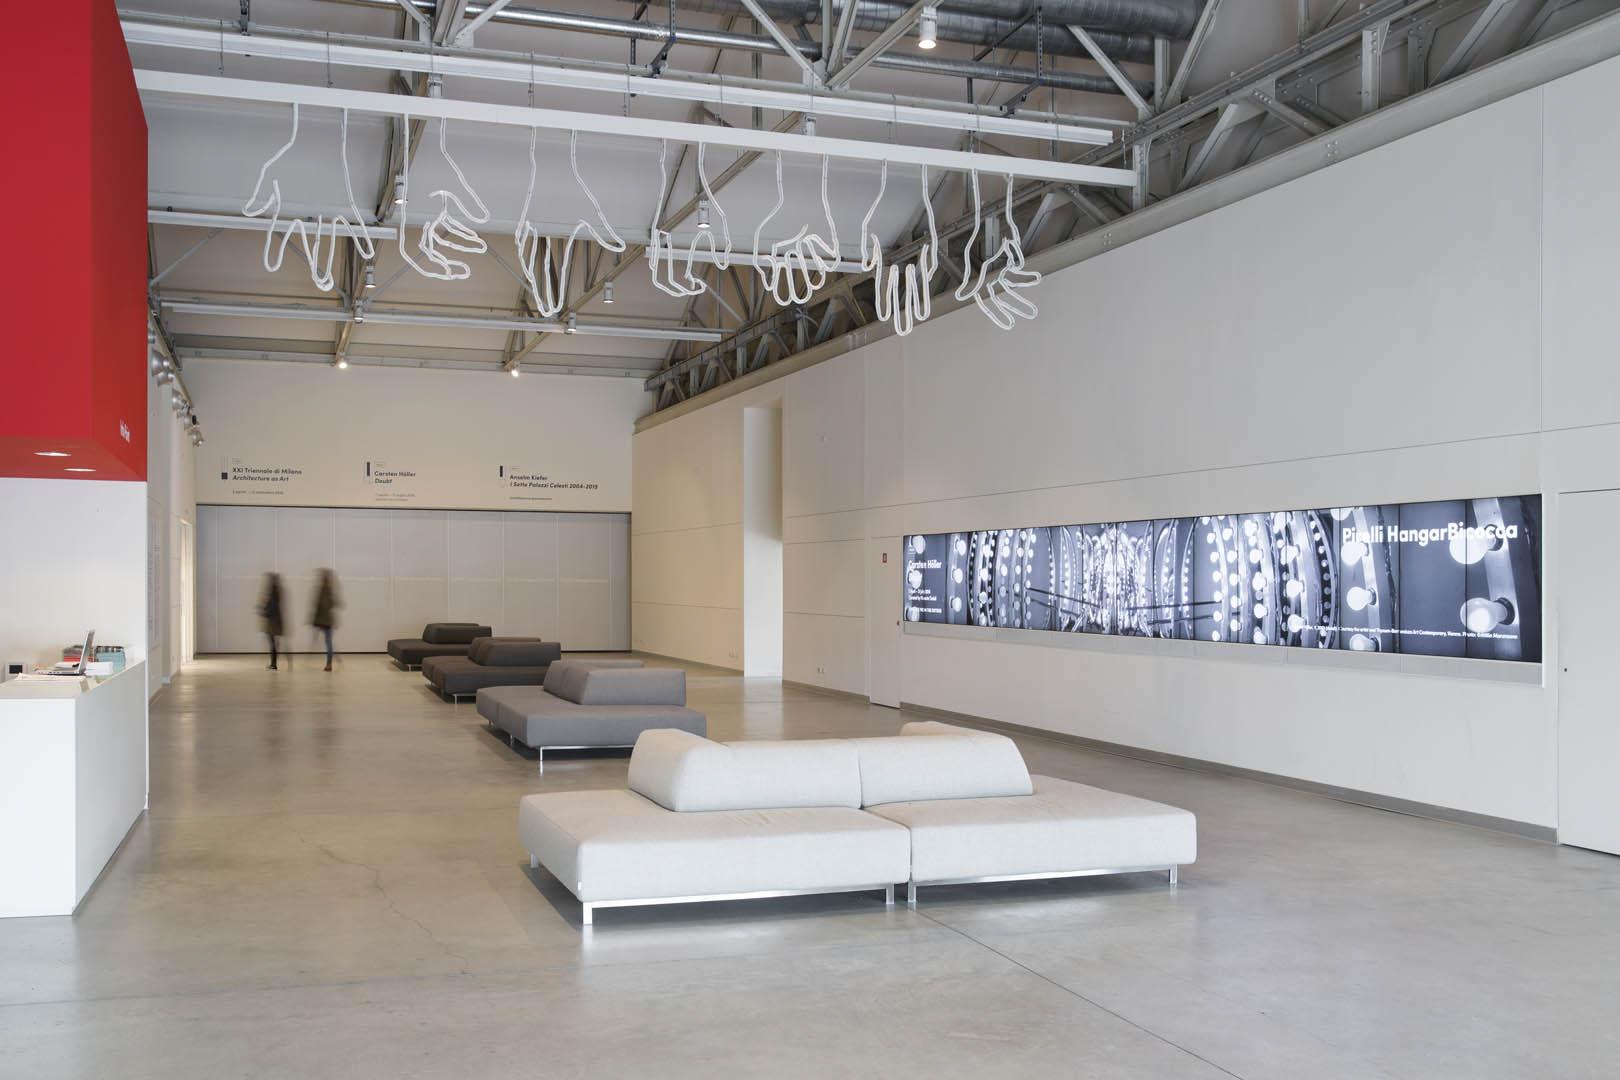 Fondazione Pirelli HangarBicocca